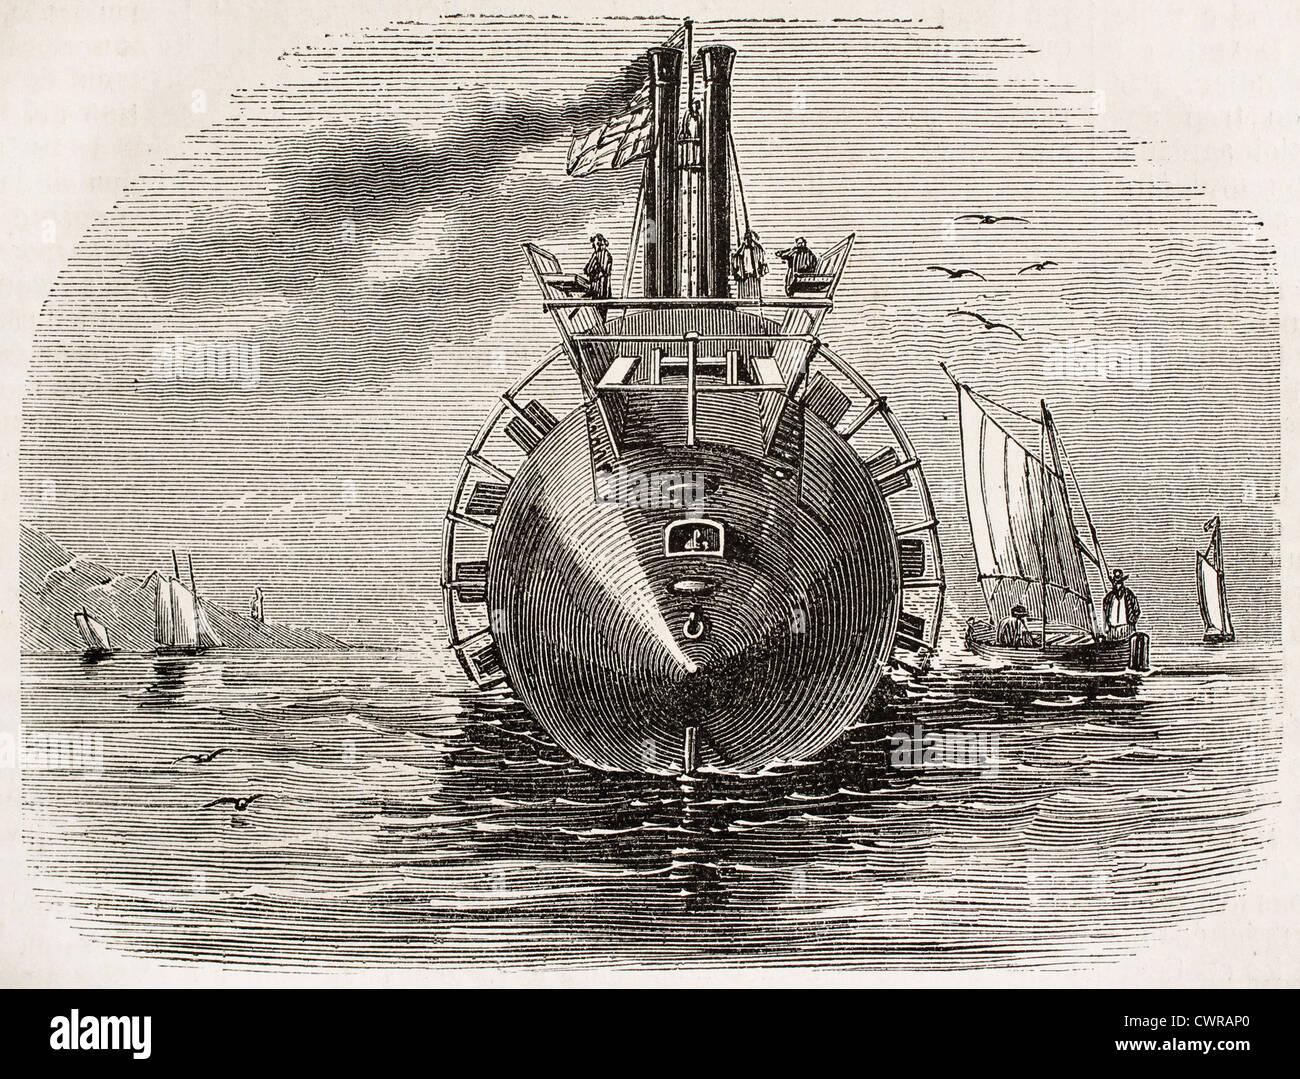 El Océano, innovador vaporizador americana Imagen De Stock